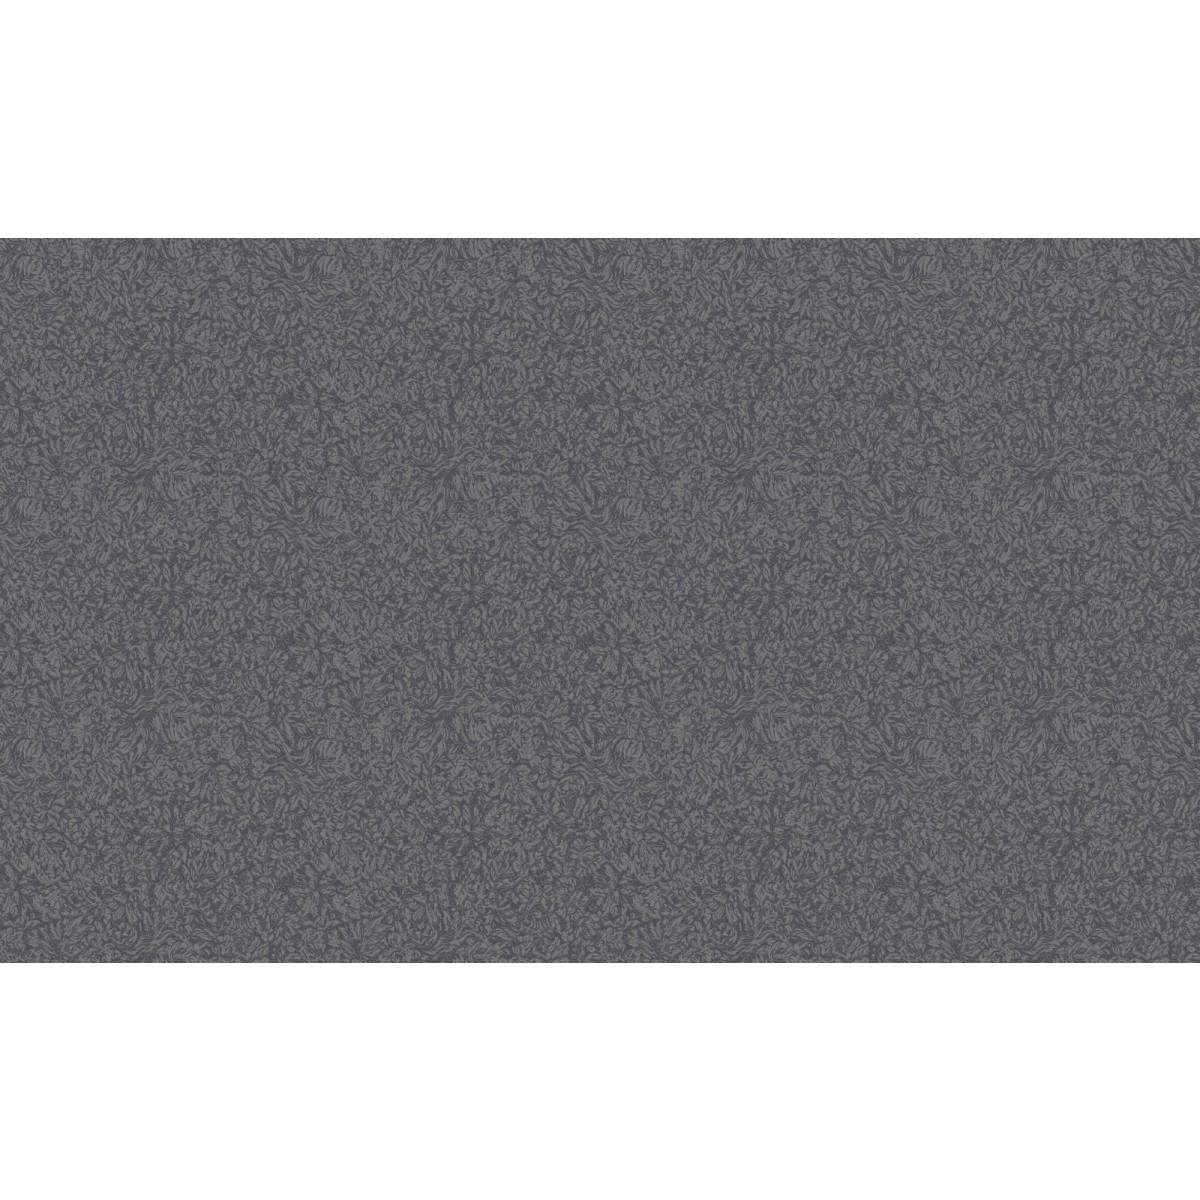 Обои флизелиновые Victoria Stenova Melania черные 1.06 м 998699